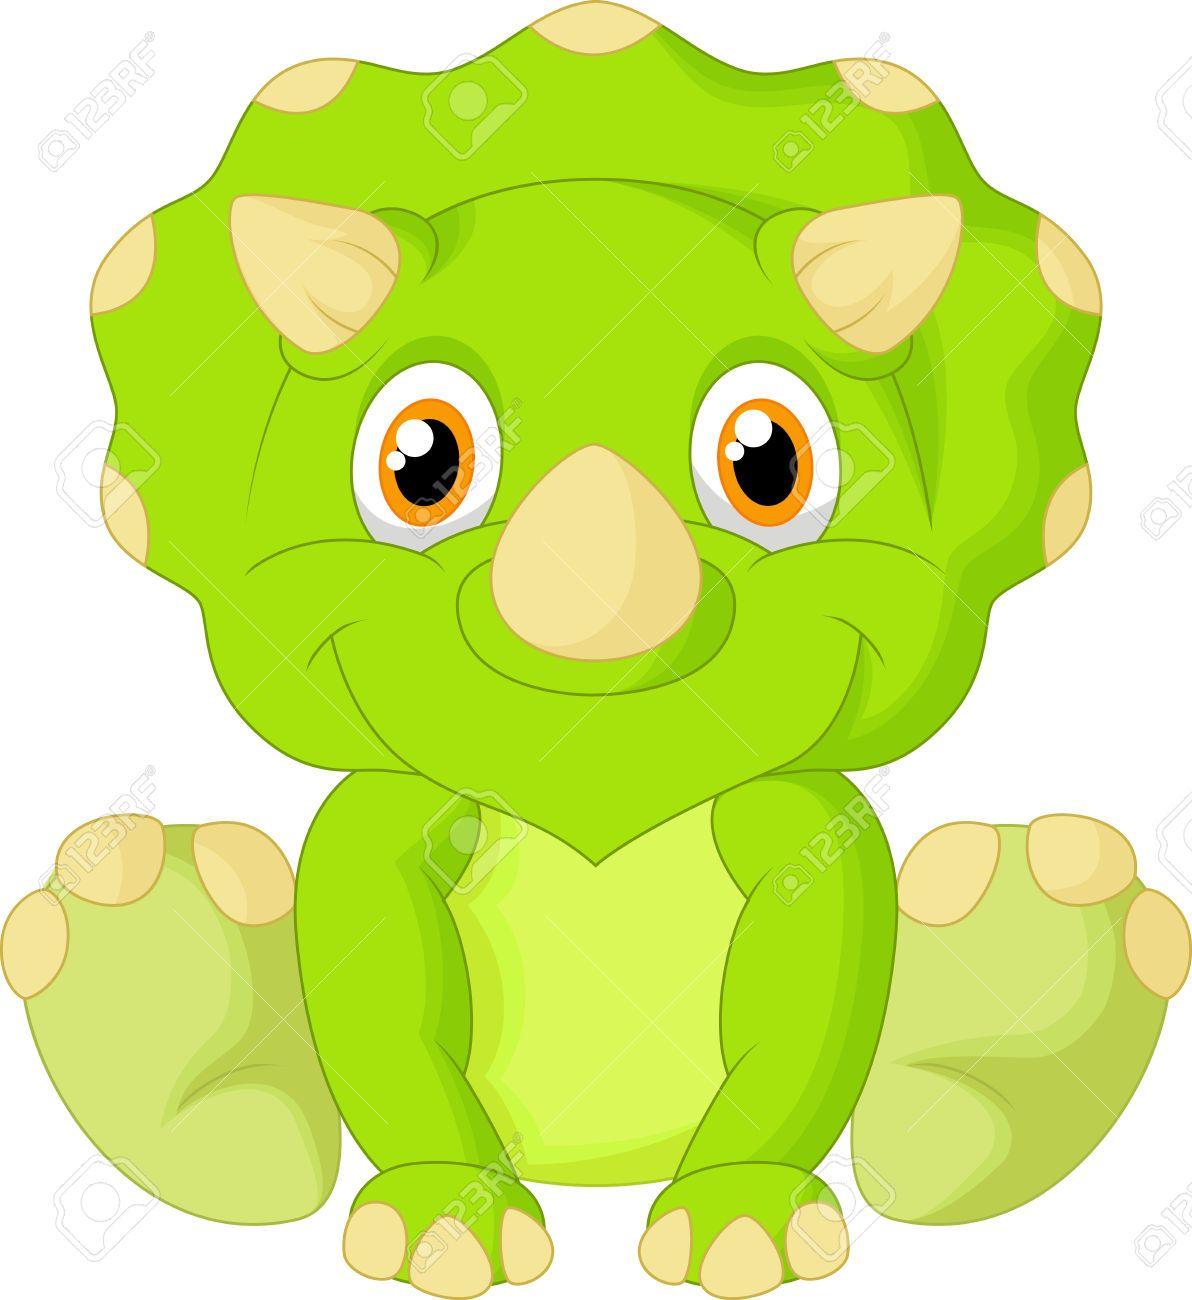 Stock Vector Dinosaur images, Dinosaur clip art, Baby